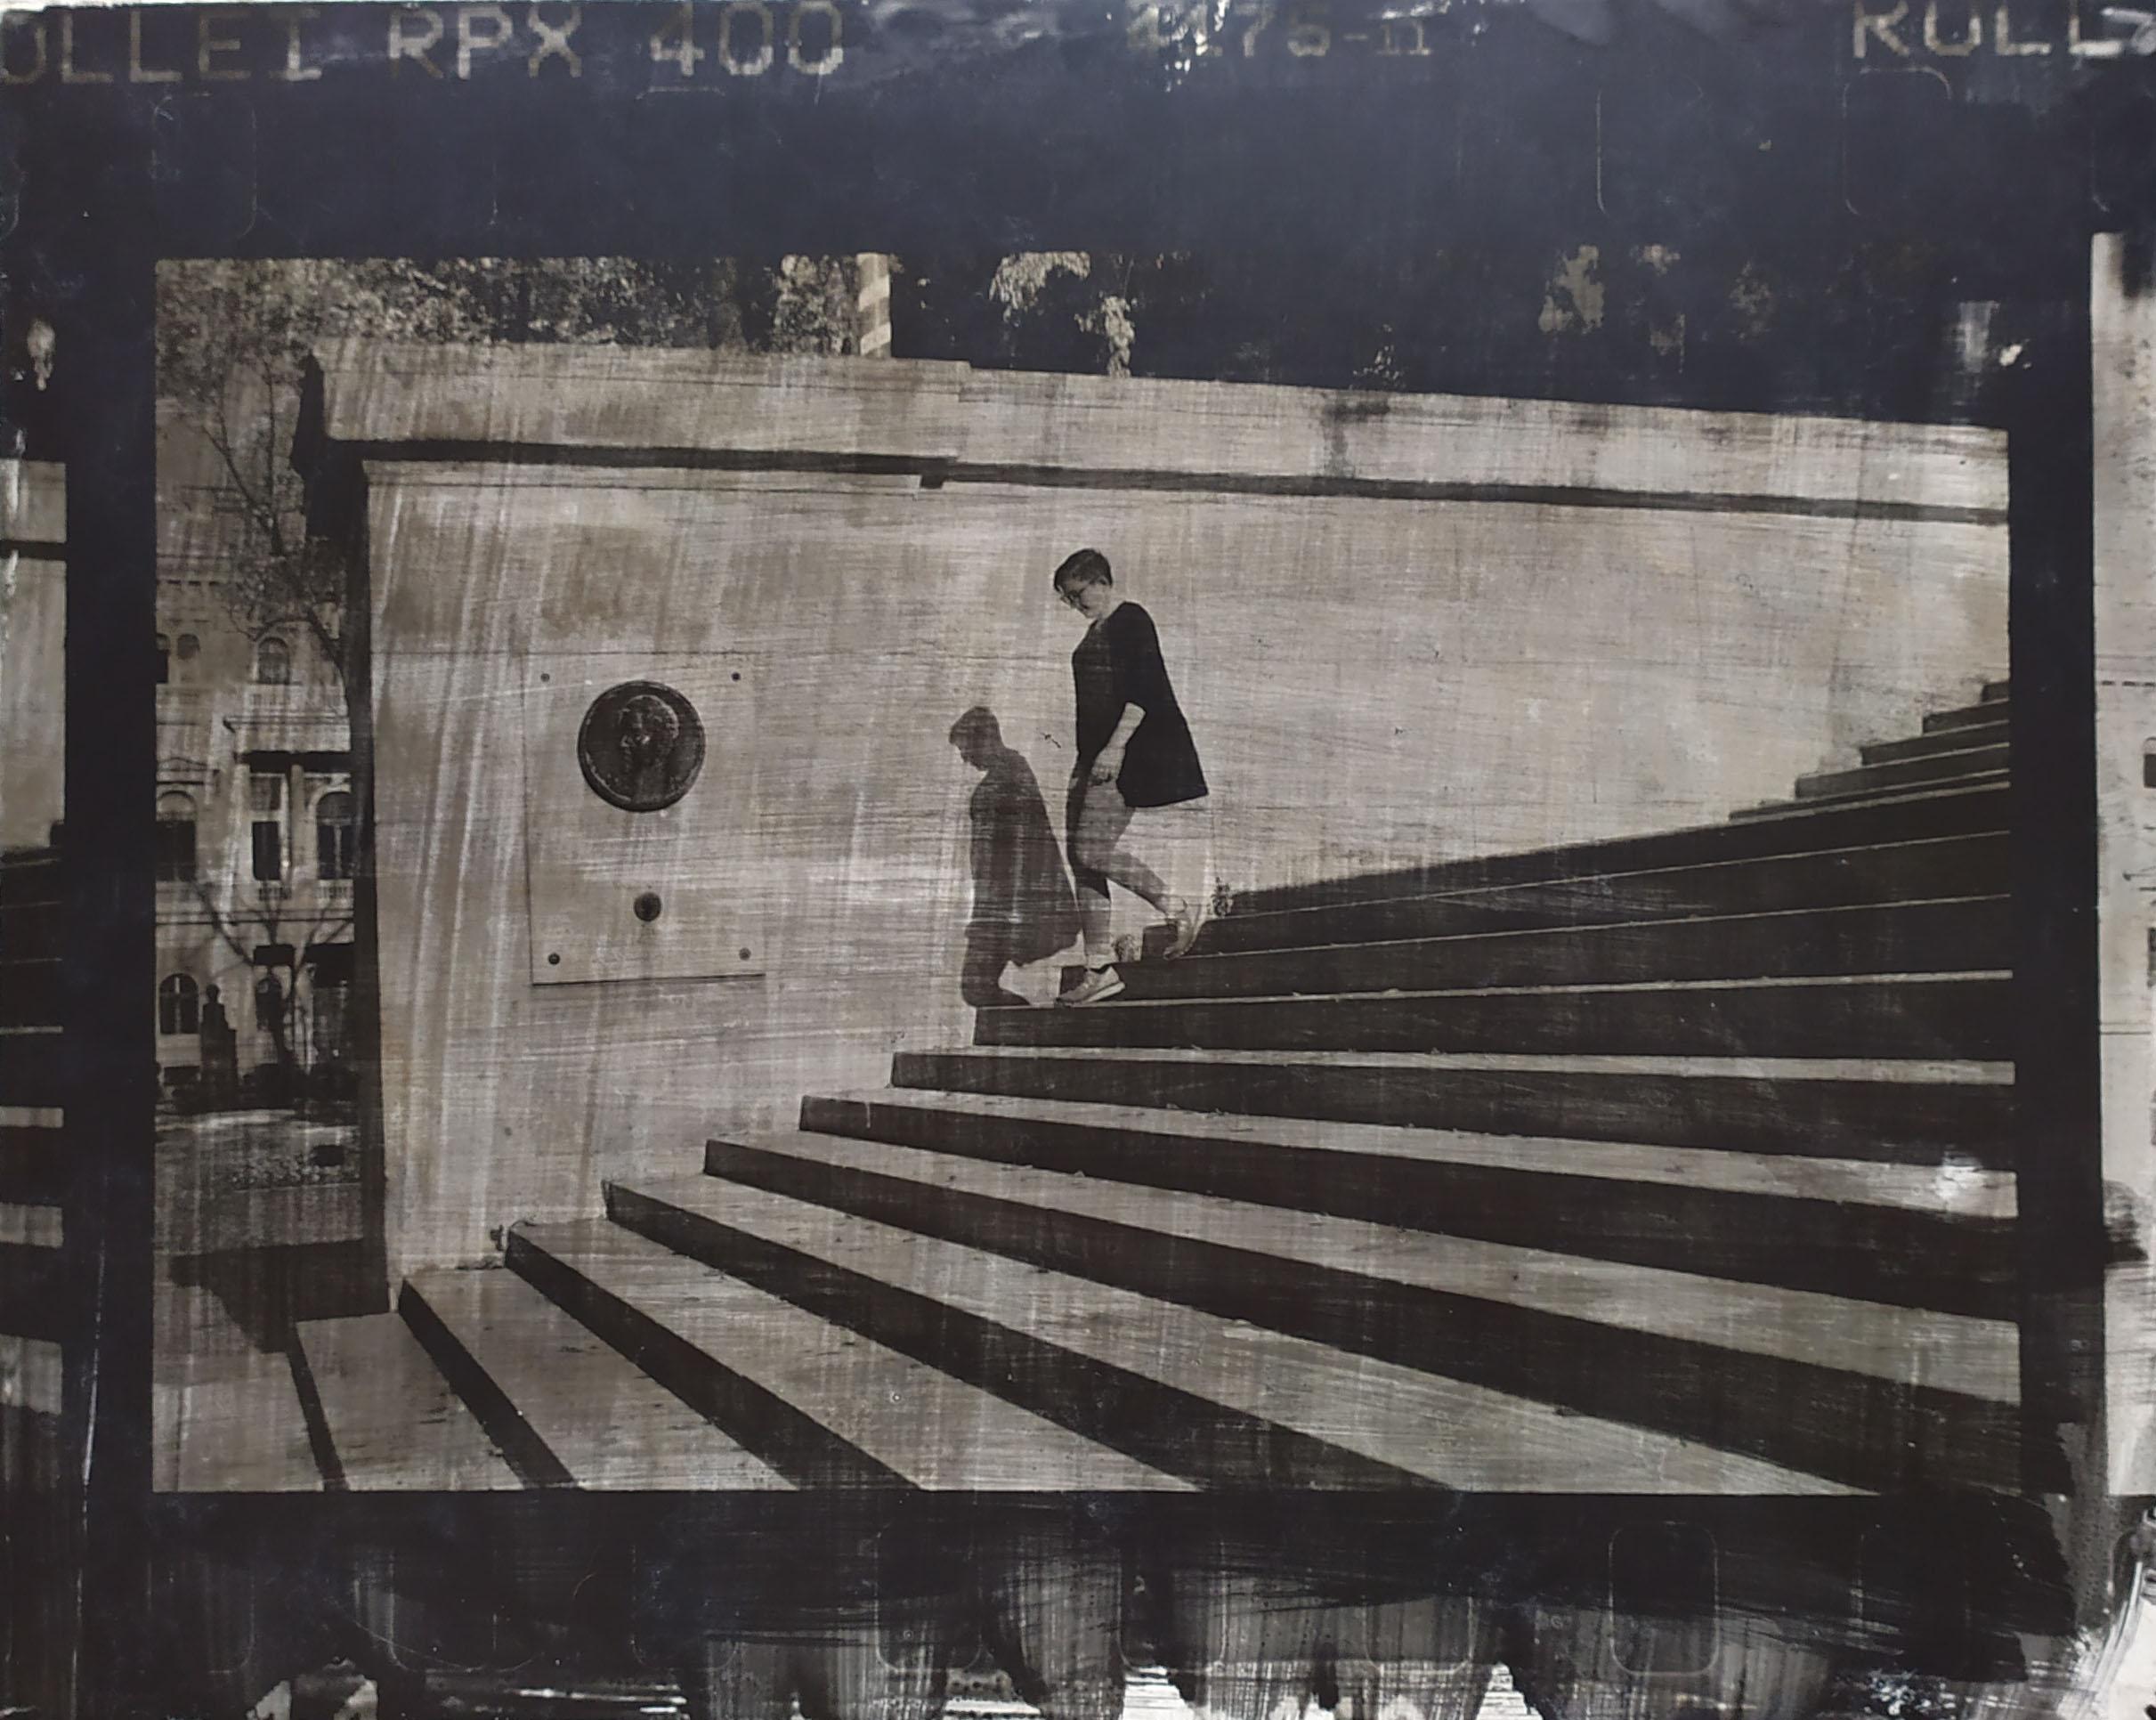 Fotó: Vékás Magdolna: Nemzeti Múzeum, lépcső, Budapest, 2017-2019 © Vékás Magdolna